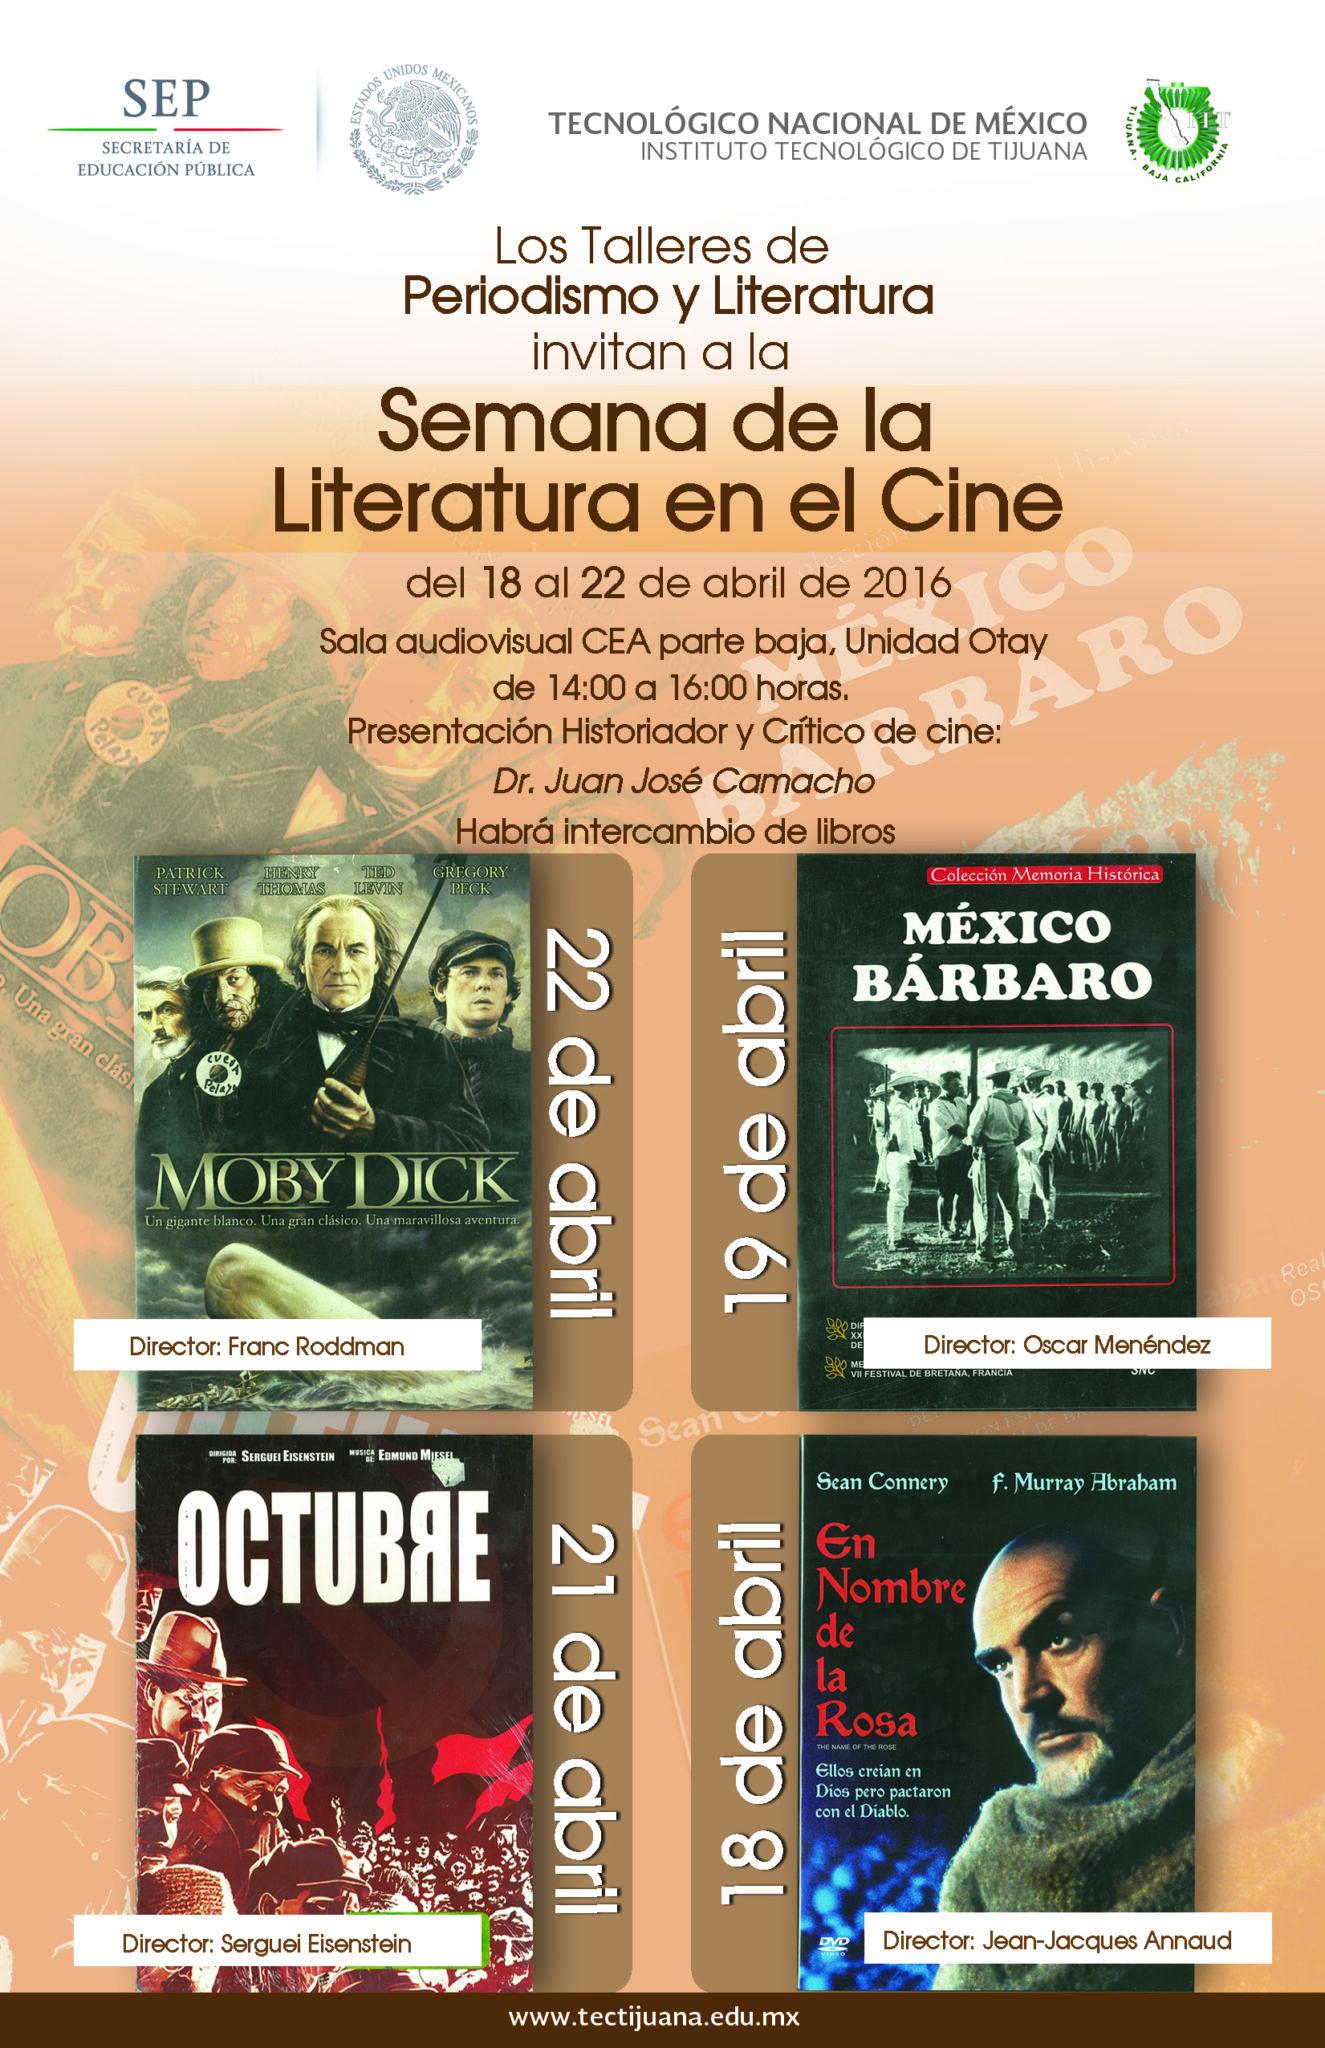 LITERATURA EN EL CINE poster 2016